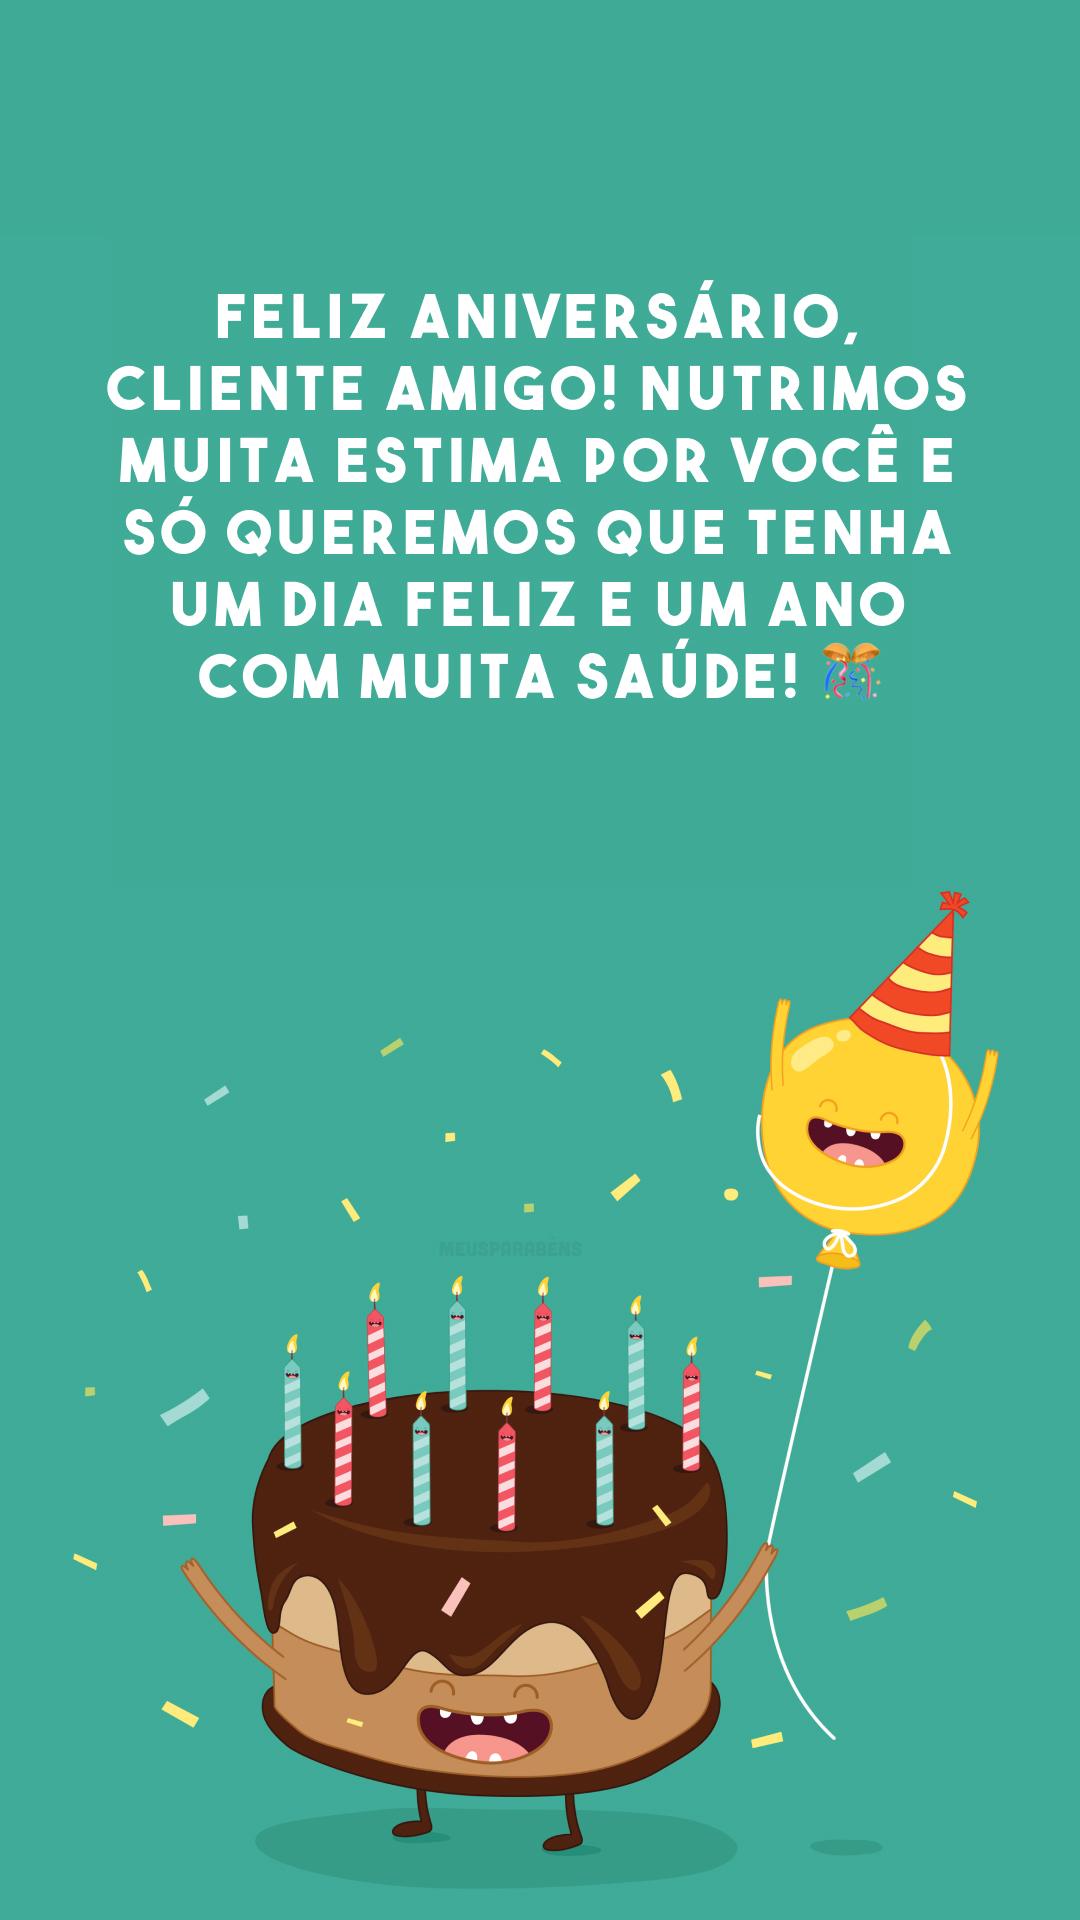 Feliz aniversário, cliente amigo! Nutrimos muita estima por você e só queremos que tenha um dia feliz e um ano com muita saúde! 🎊